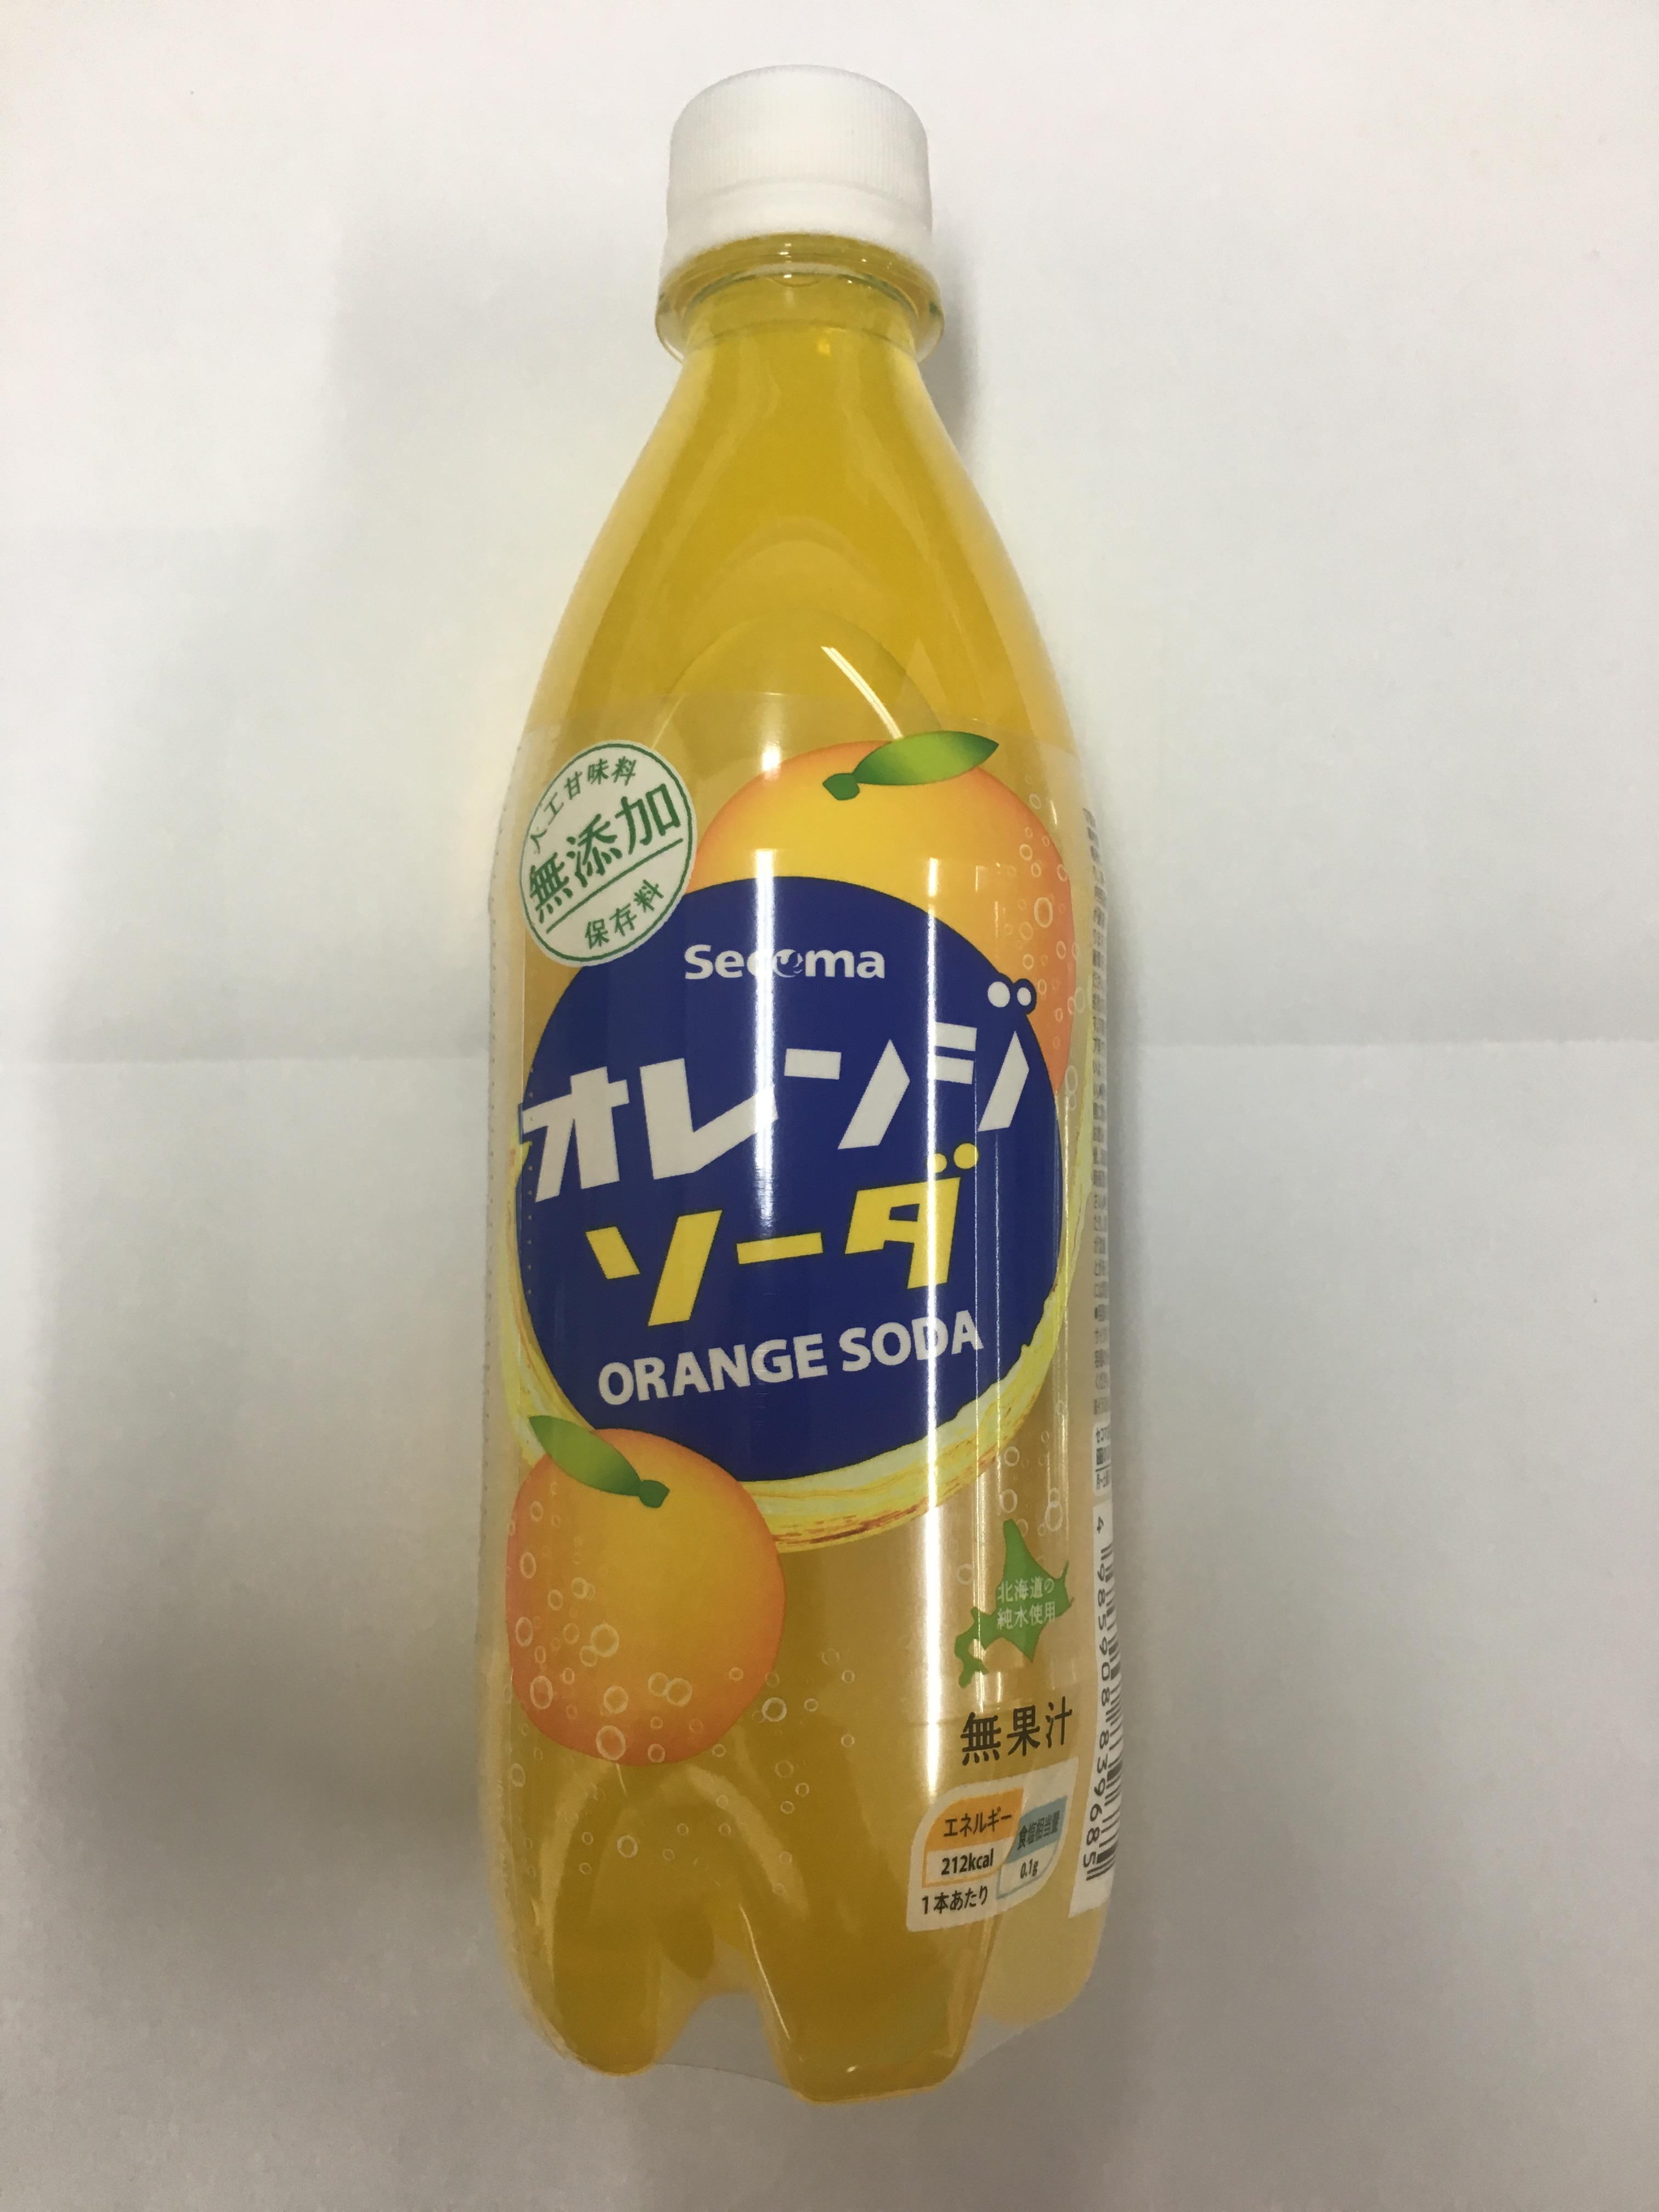 セコマ【オレンジソーダ】